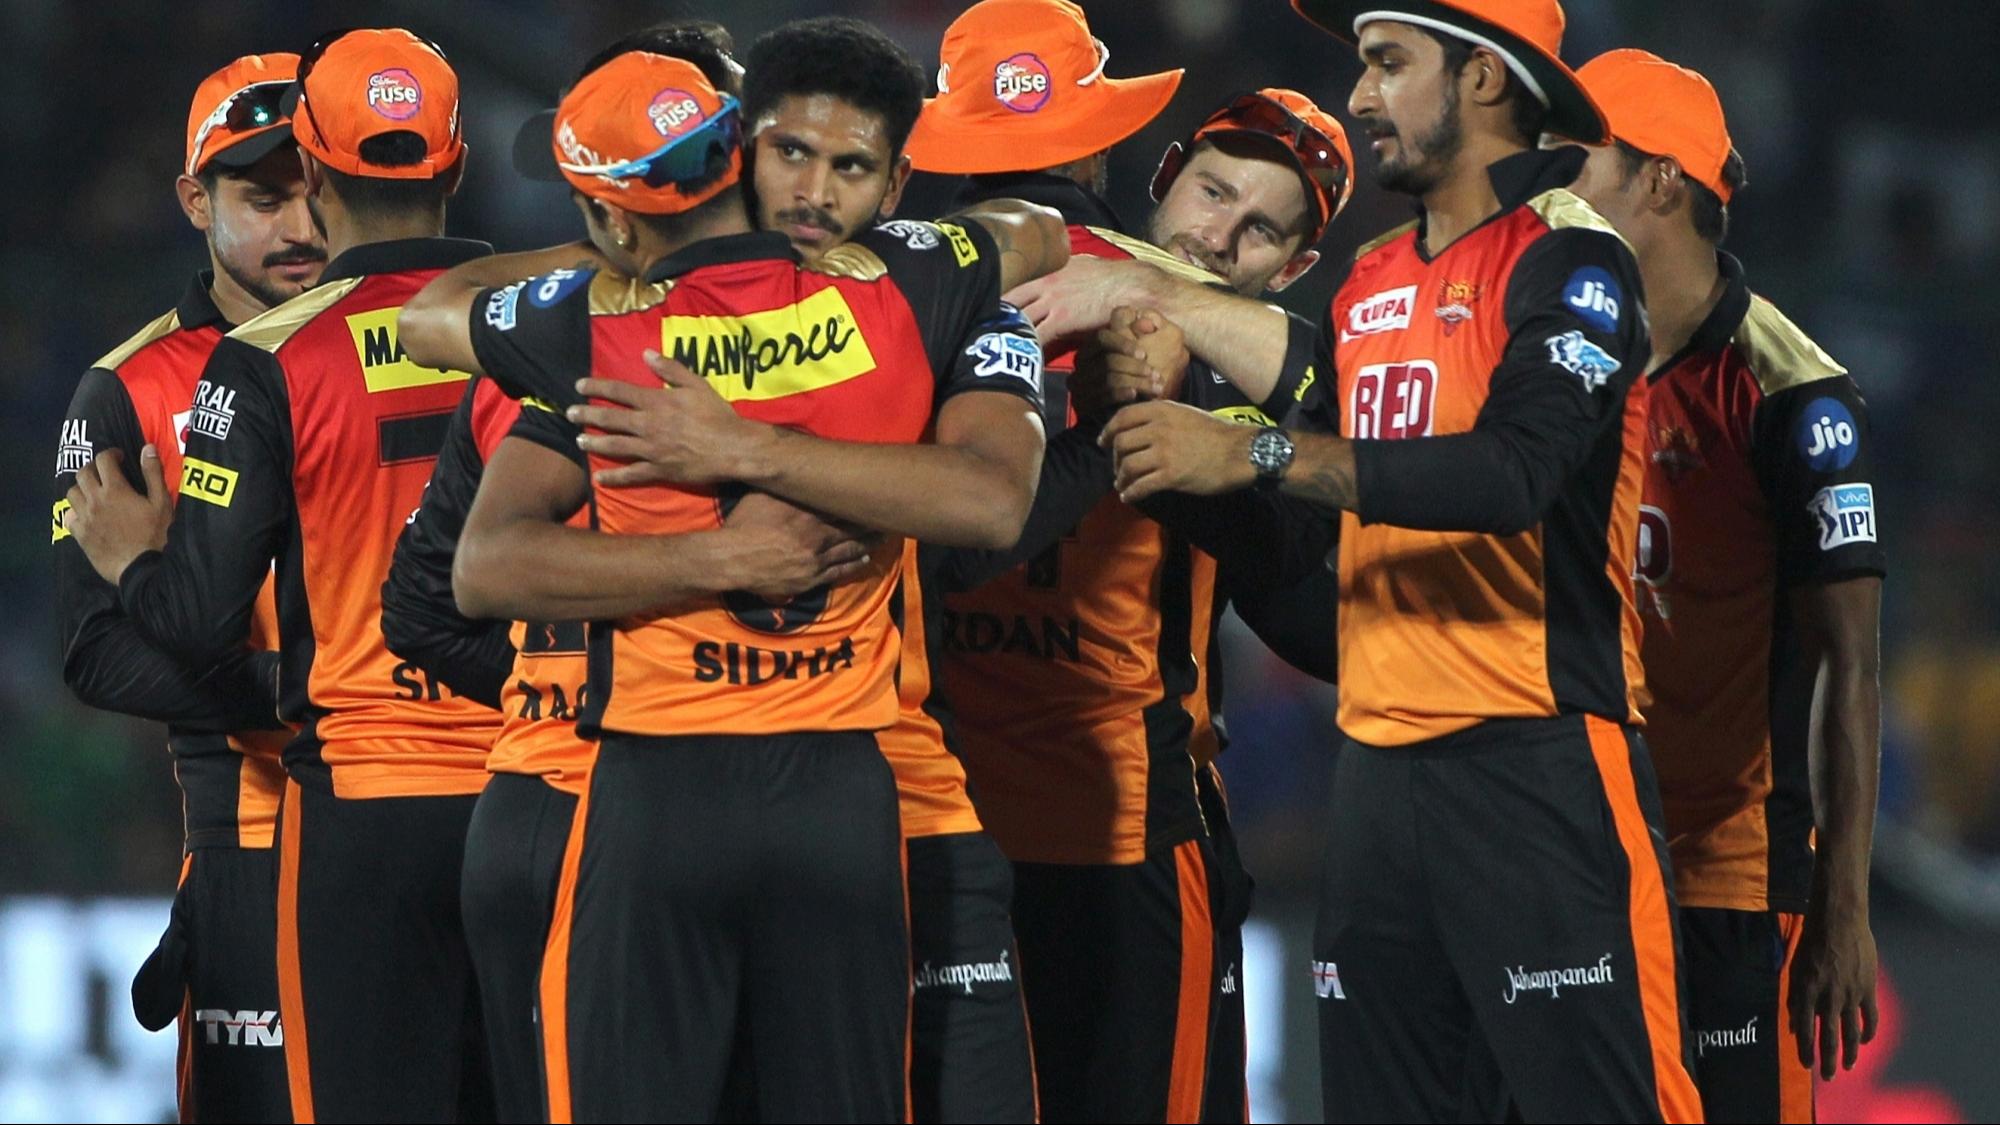 IPL 2018 : इरफान पठान ने हैदराबाद के भुवनेश्वर कुमार-हीन तेज़ गेंदबाजी आक्रमण की सराहना की